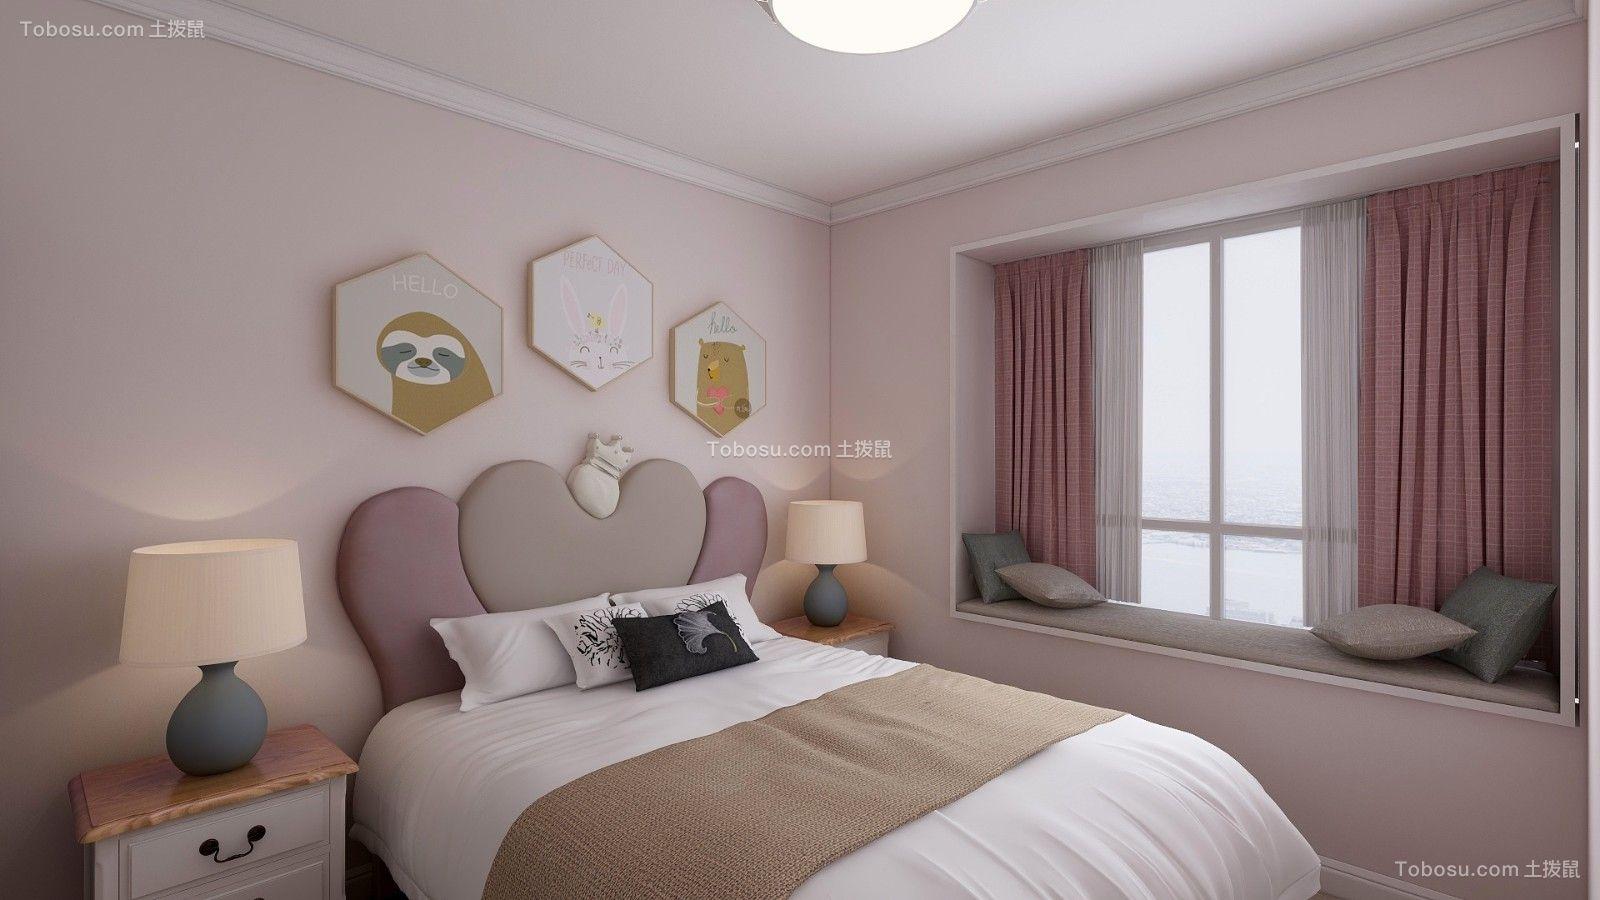 2019北欧儿童房装饰设计 2019北欧床装修效果图片